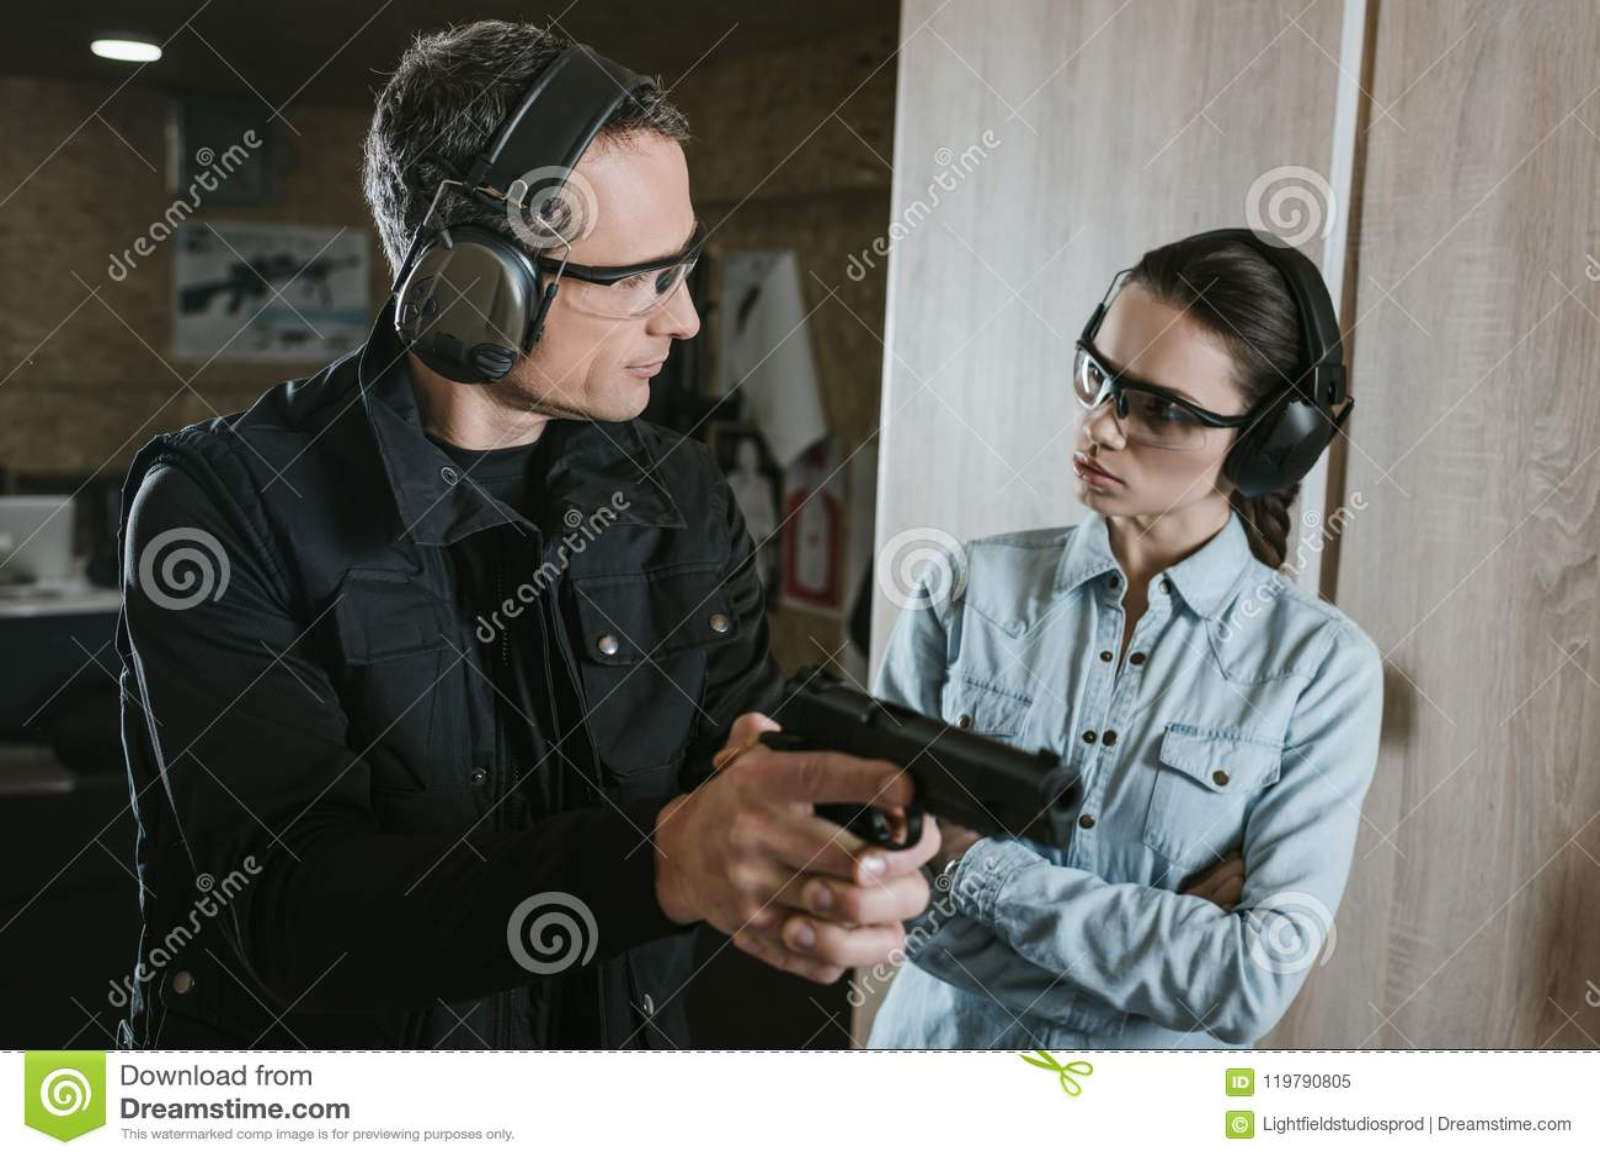 描述枪的男性辅导员对女性客户